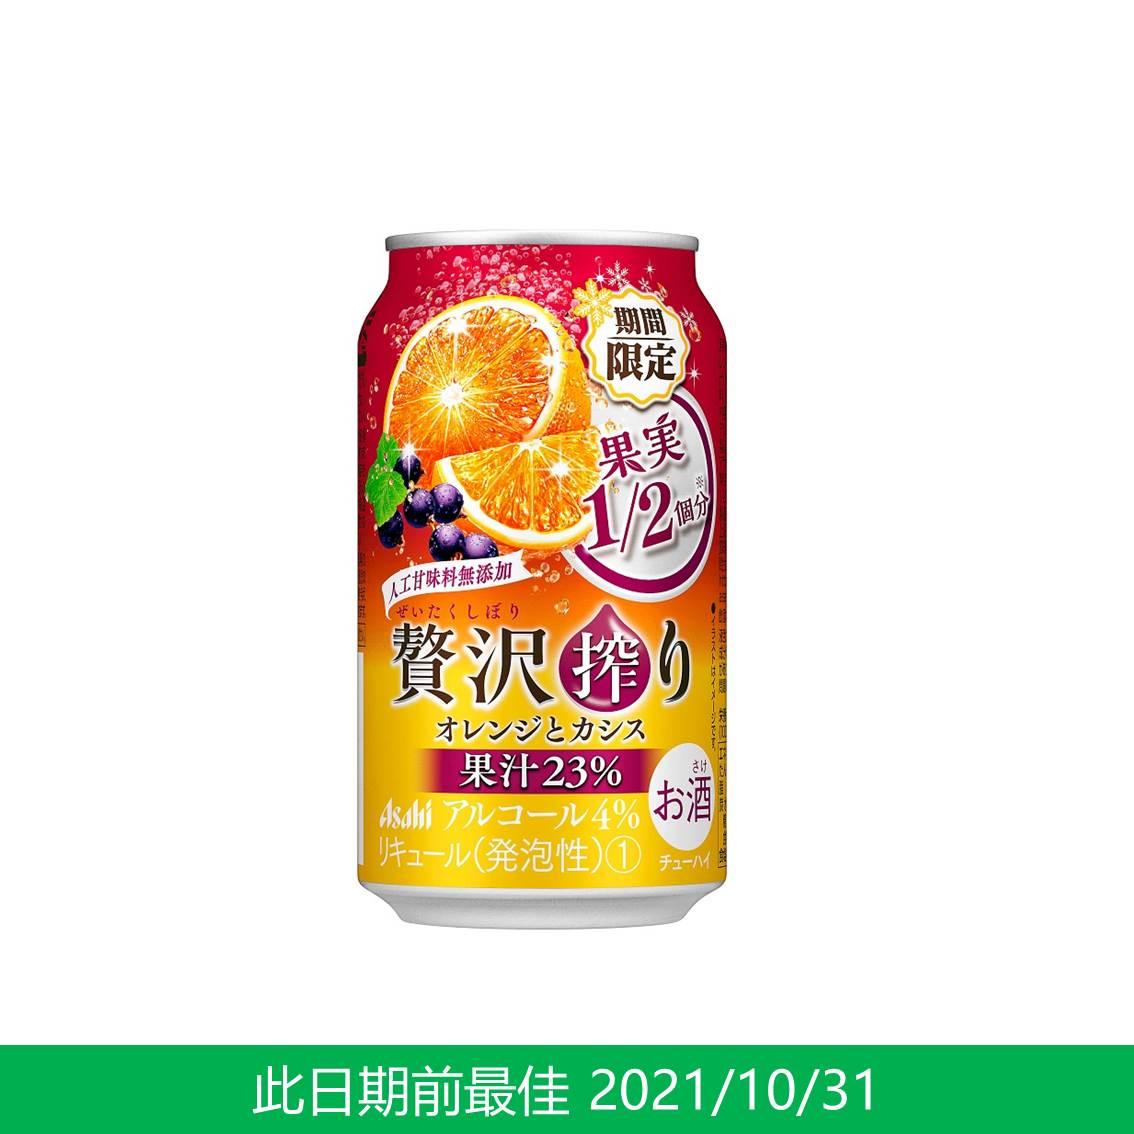 ASAHI贅尺黑加倫橙香酒